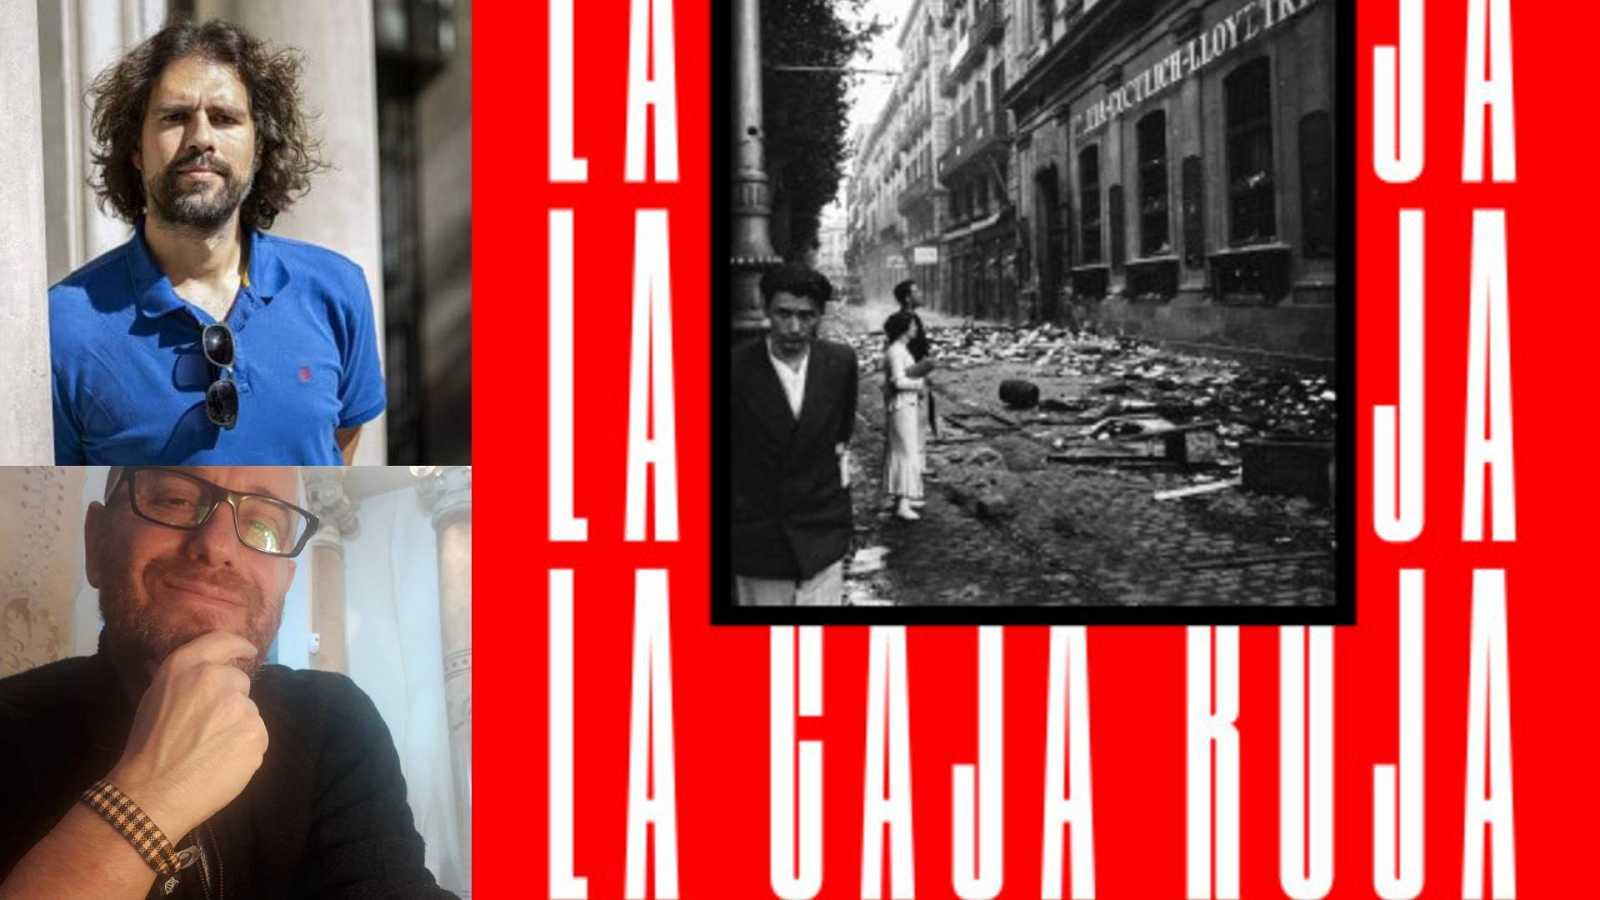 El ojo crítico - 'La caja roja'. Fotos inéditas de Campañâ en la Barcelona de la Guera Civil - Escuchar ahora